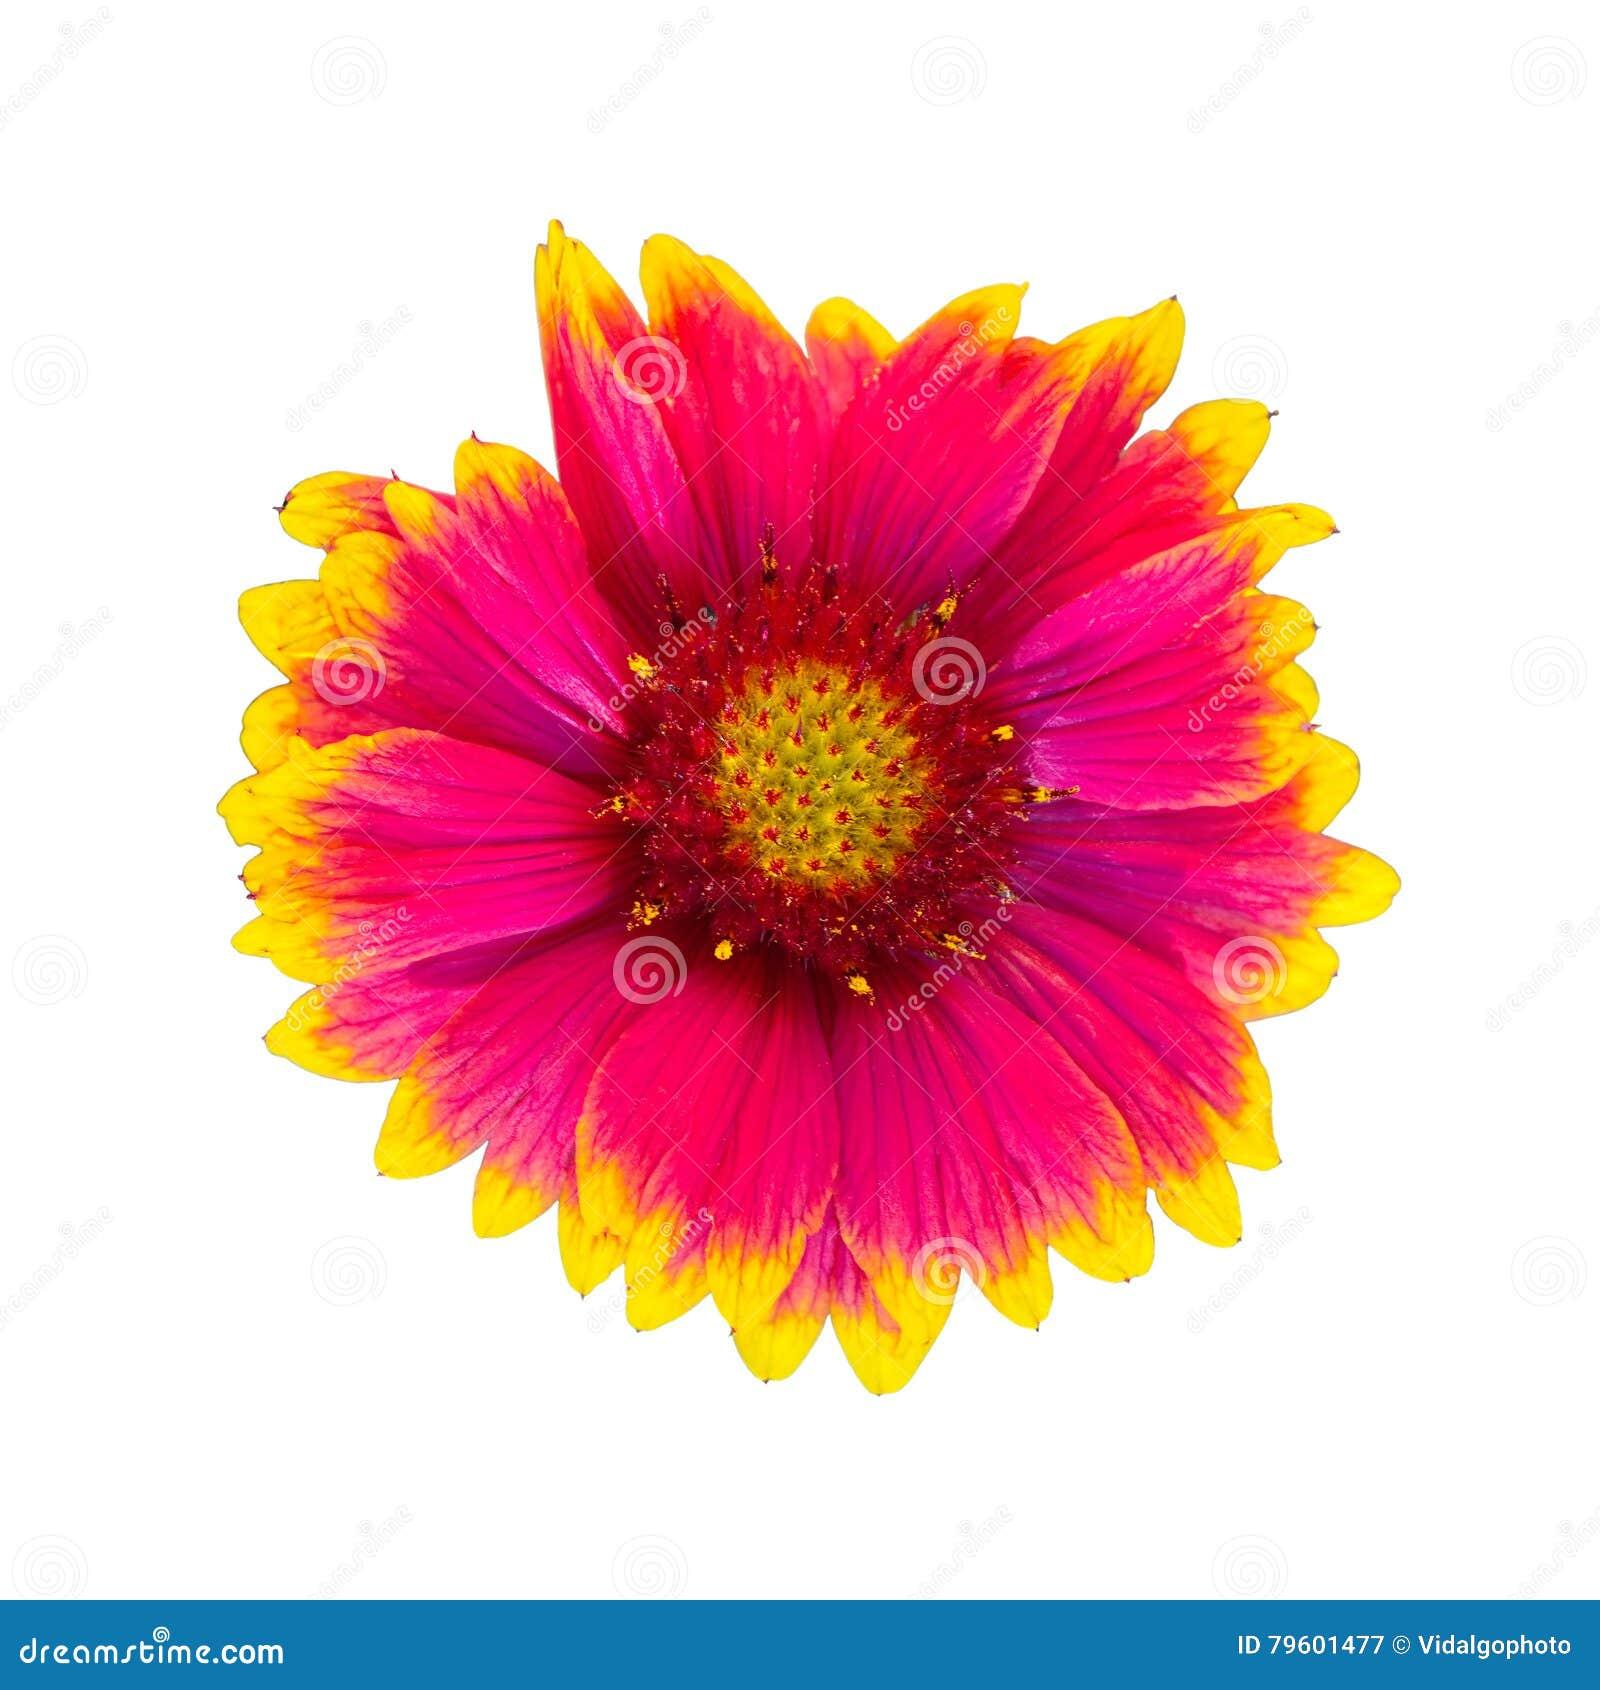 Flor do aristata do Gaillardia, igualmente conhecida como a flor geral